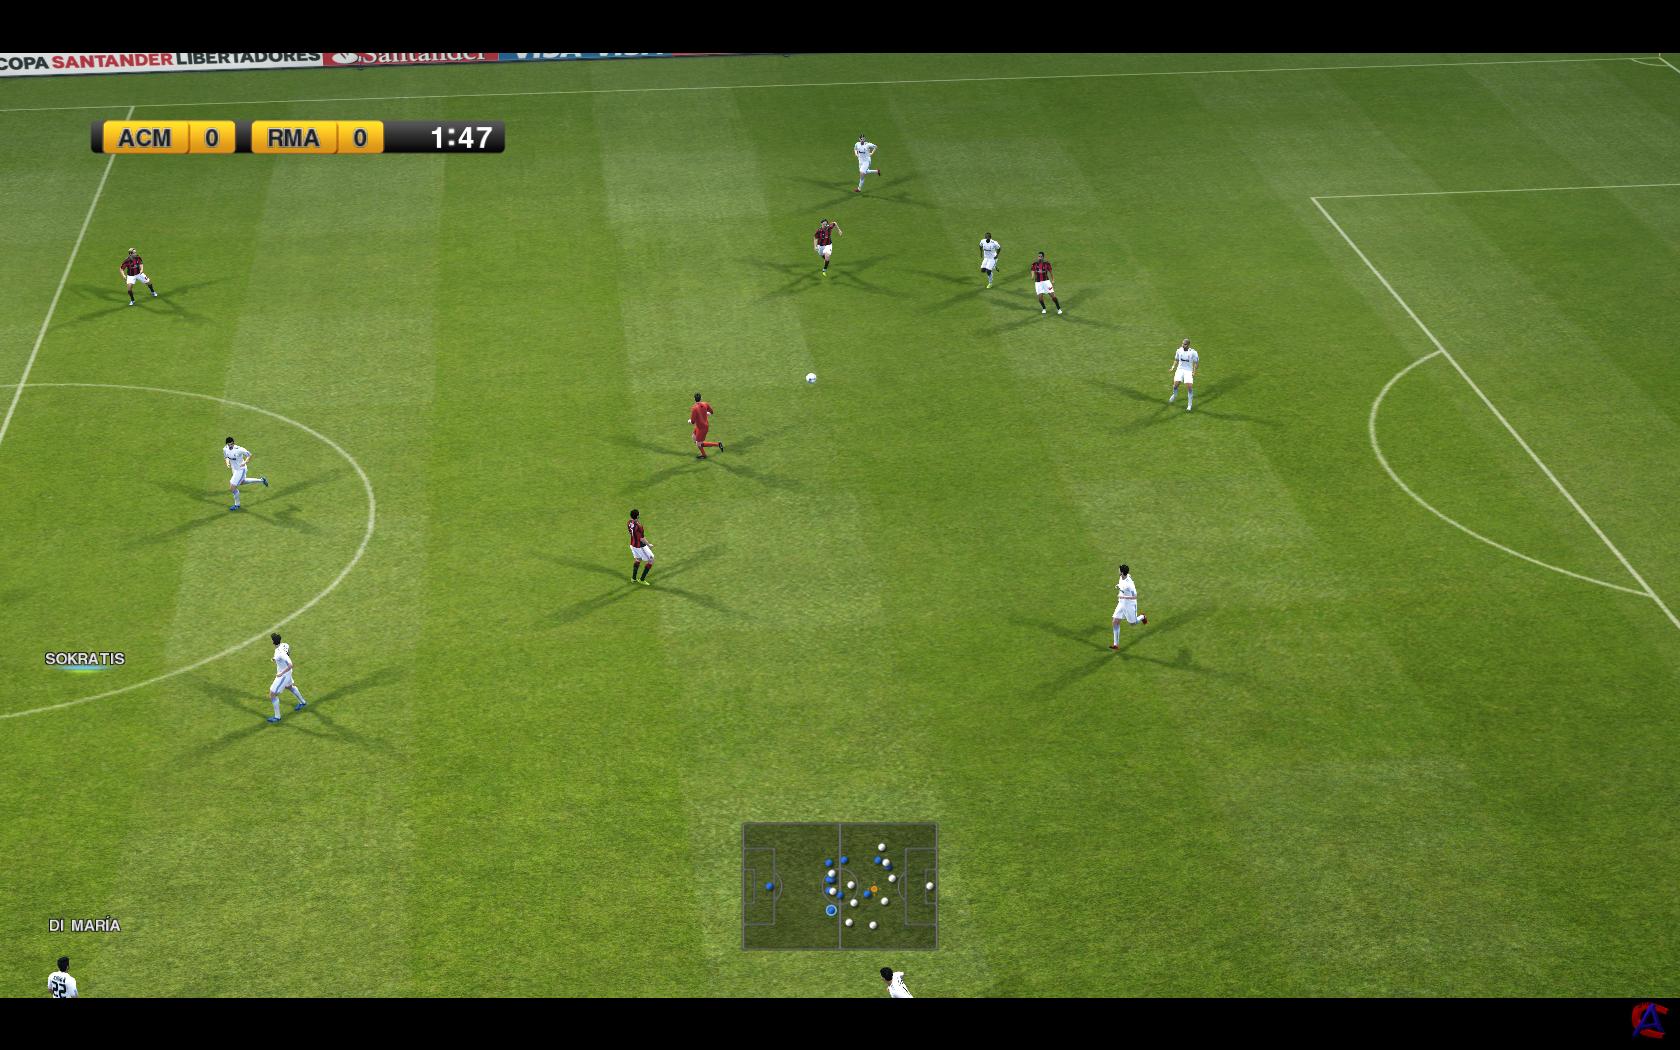 Скачать Pro Evolution Soccer 2011 RU/FR (2010) Shepards. turbobit.net